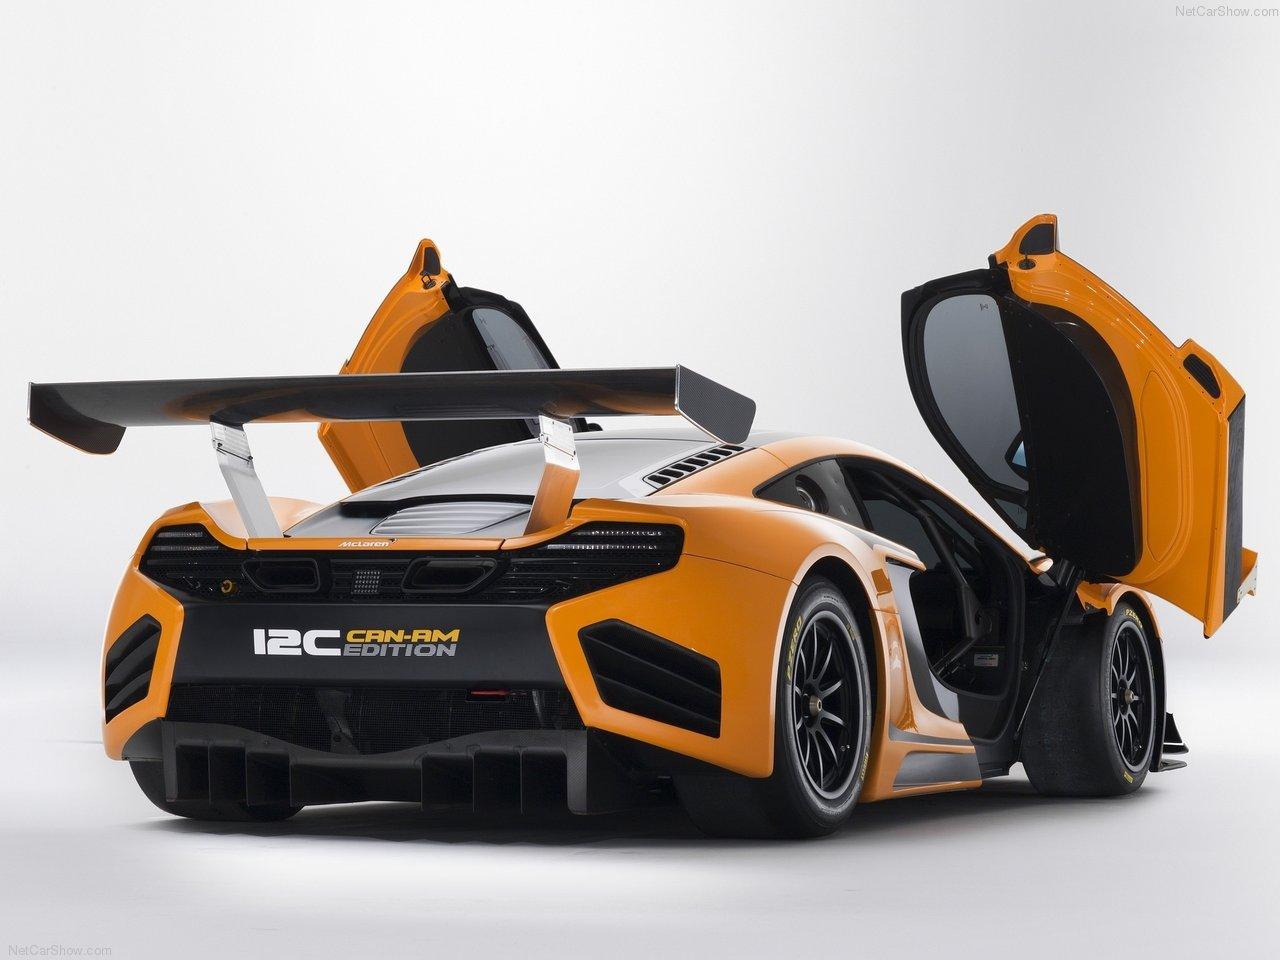 McLaren 12C Can Am Edition Concept 2012 McLaren-12C_Can-Am_Edition_Concept-2012-1280-07